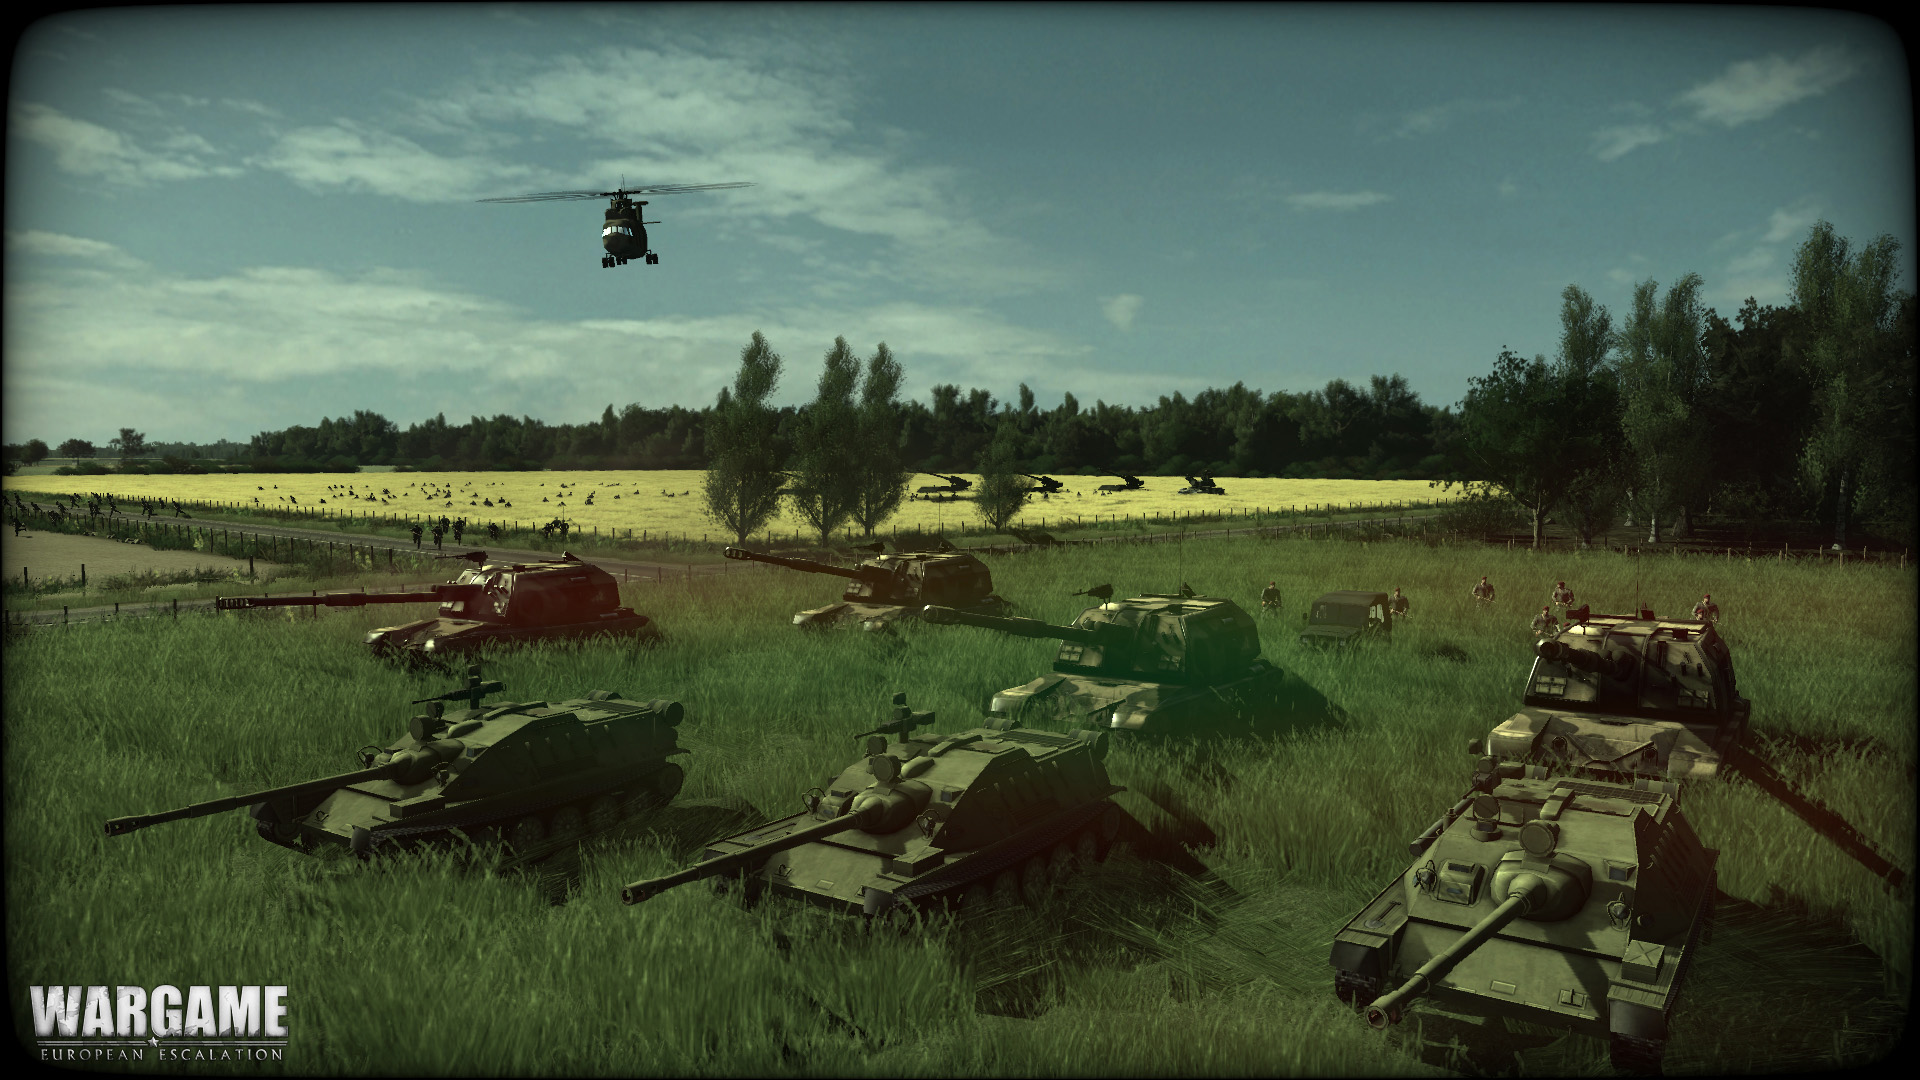 Československé jednotky se připravují na válku ve Wargame 60411